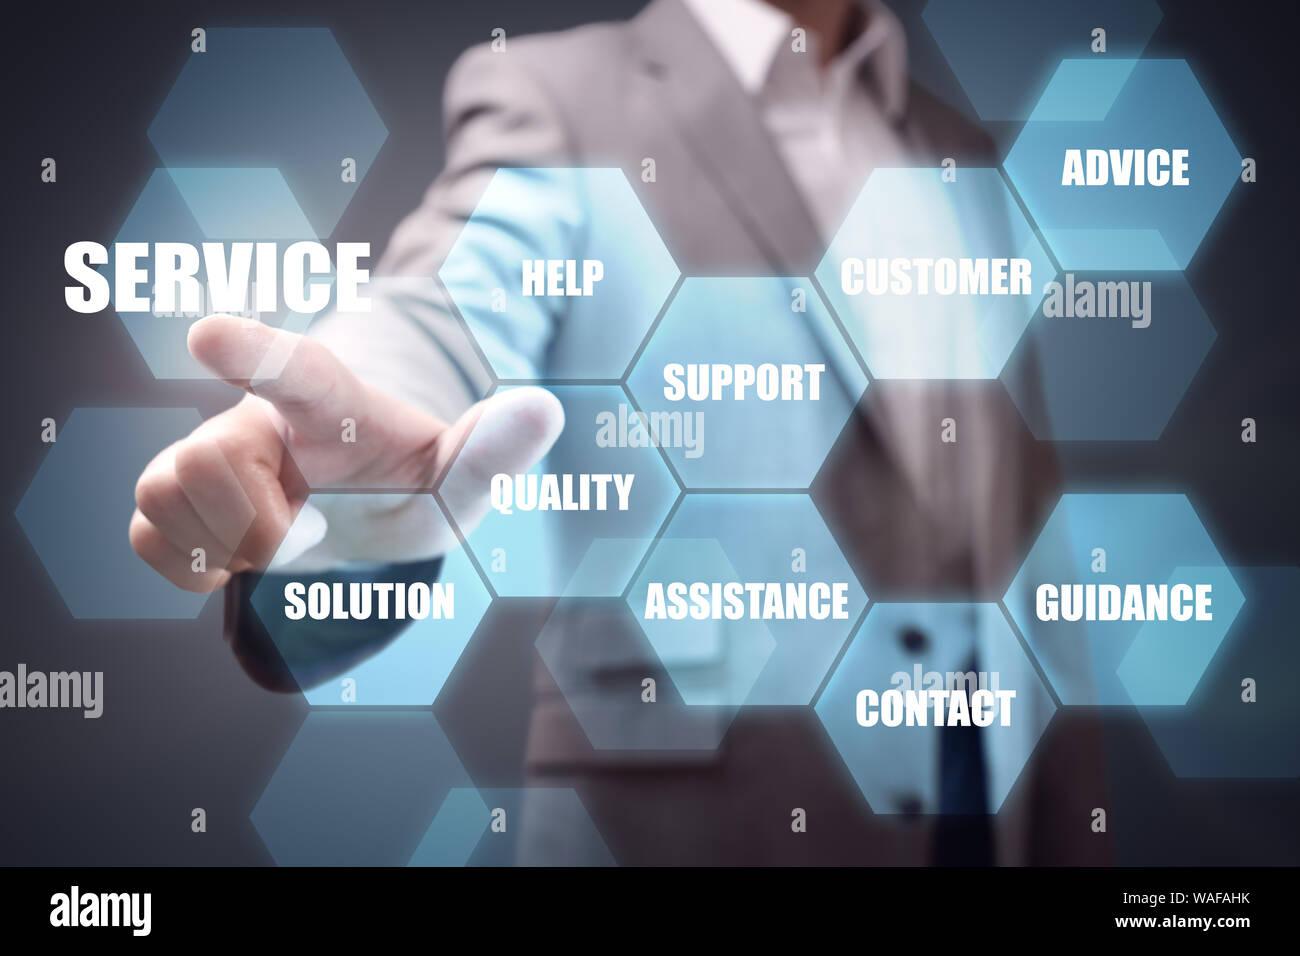 Businessman hand en poussant la touche de service concept pour l'aide, contactez le support et l'assistance Banque D'Images